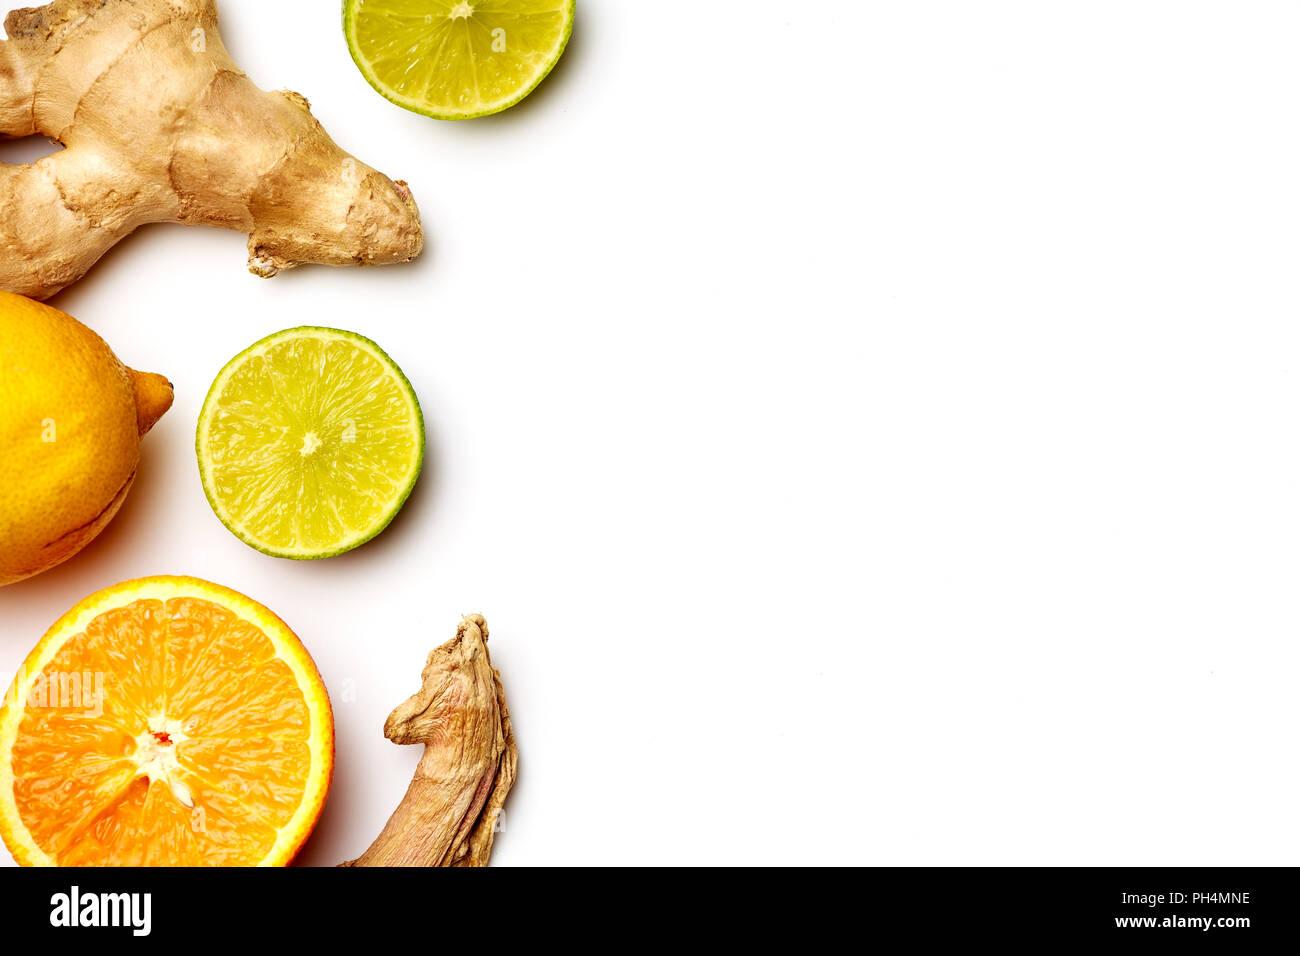 Photo of ginger, lemon, oranges on white background - Stock Image